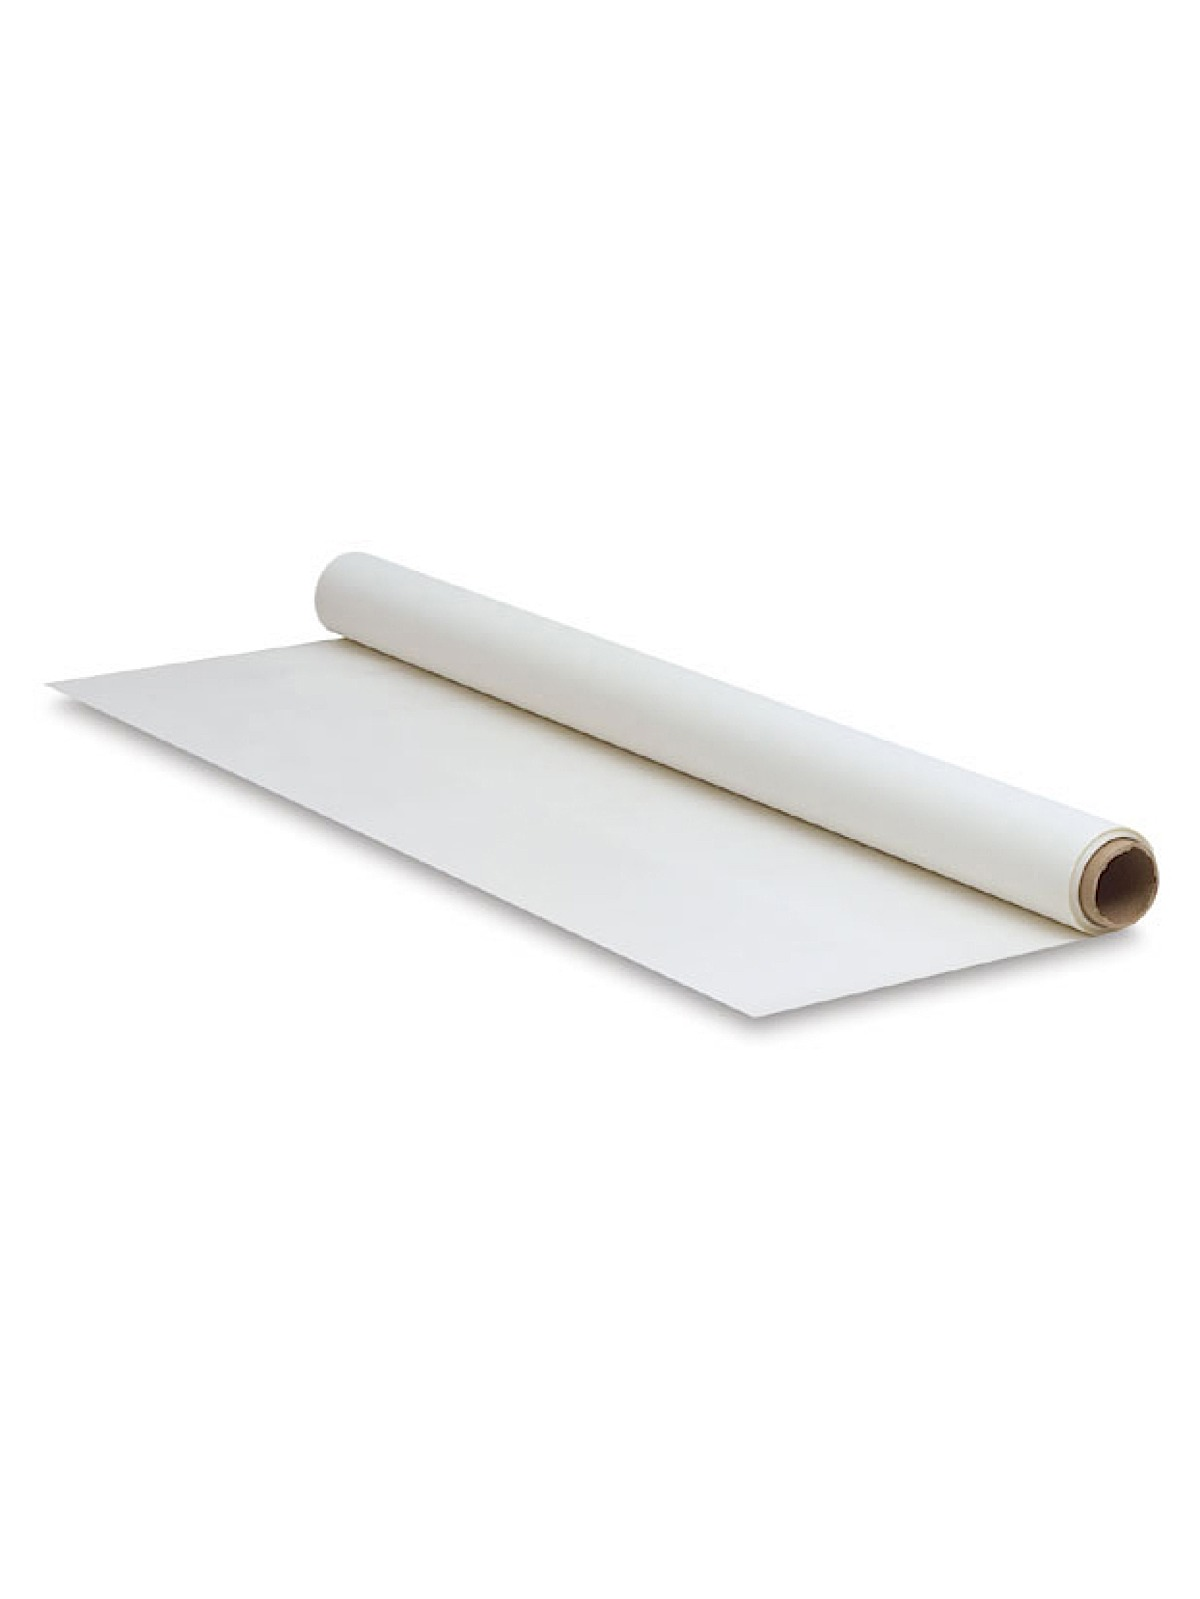 Acetate Film Rolls